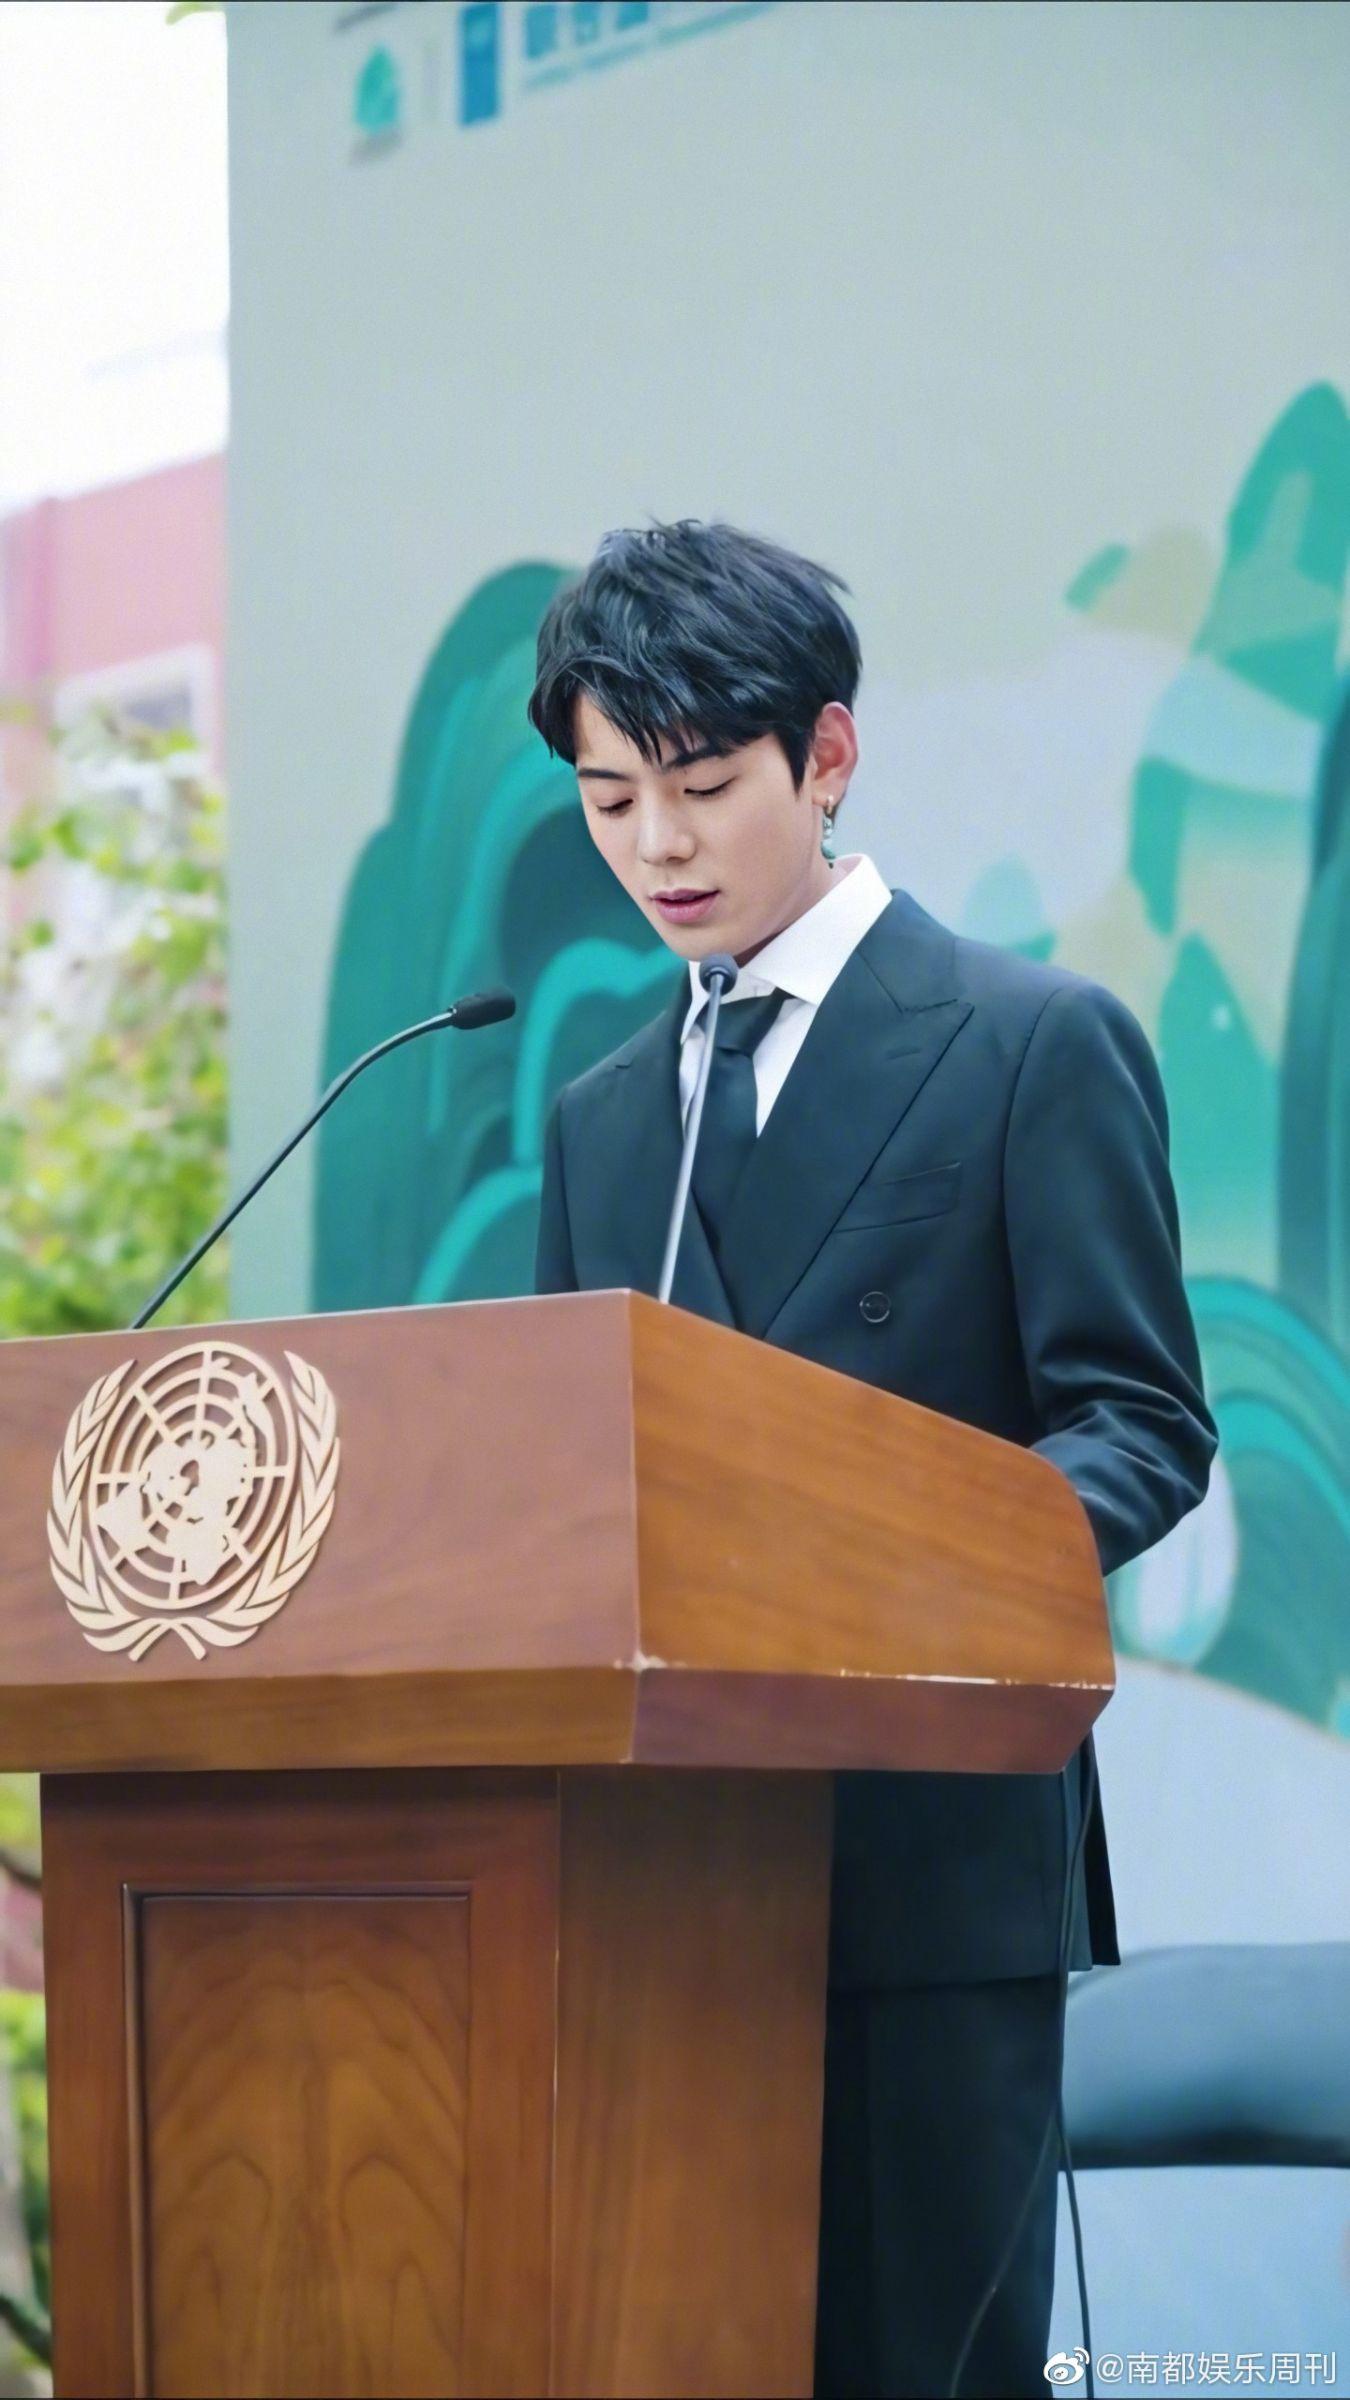 20年沒讀書!丁真出席聯合國「英文演講」 網看傻:更帥了